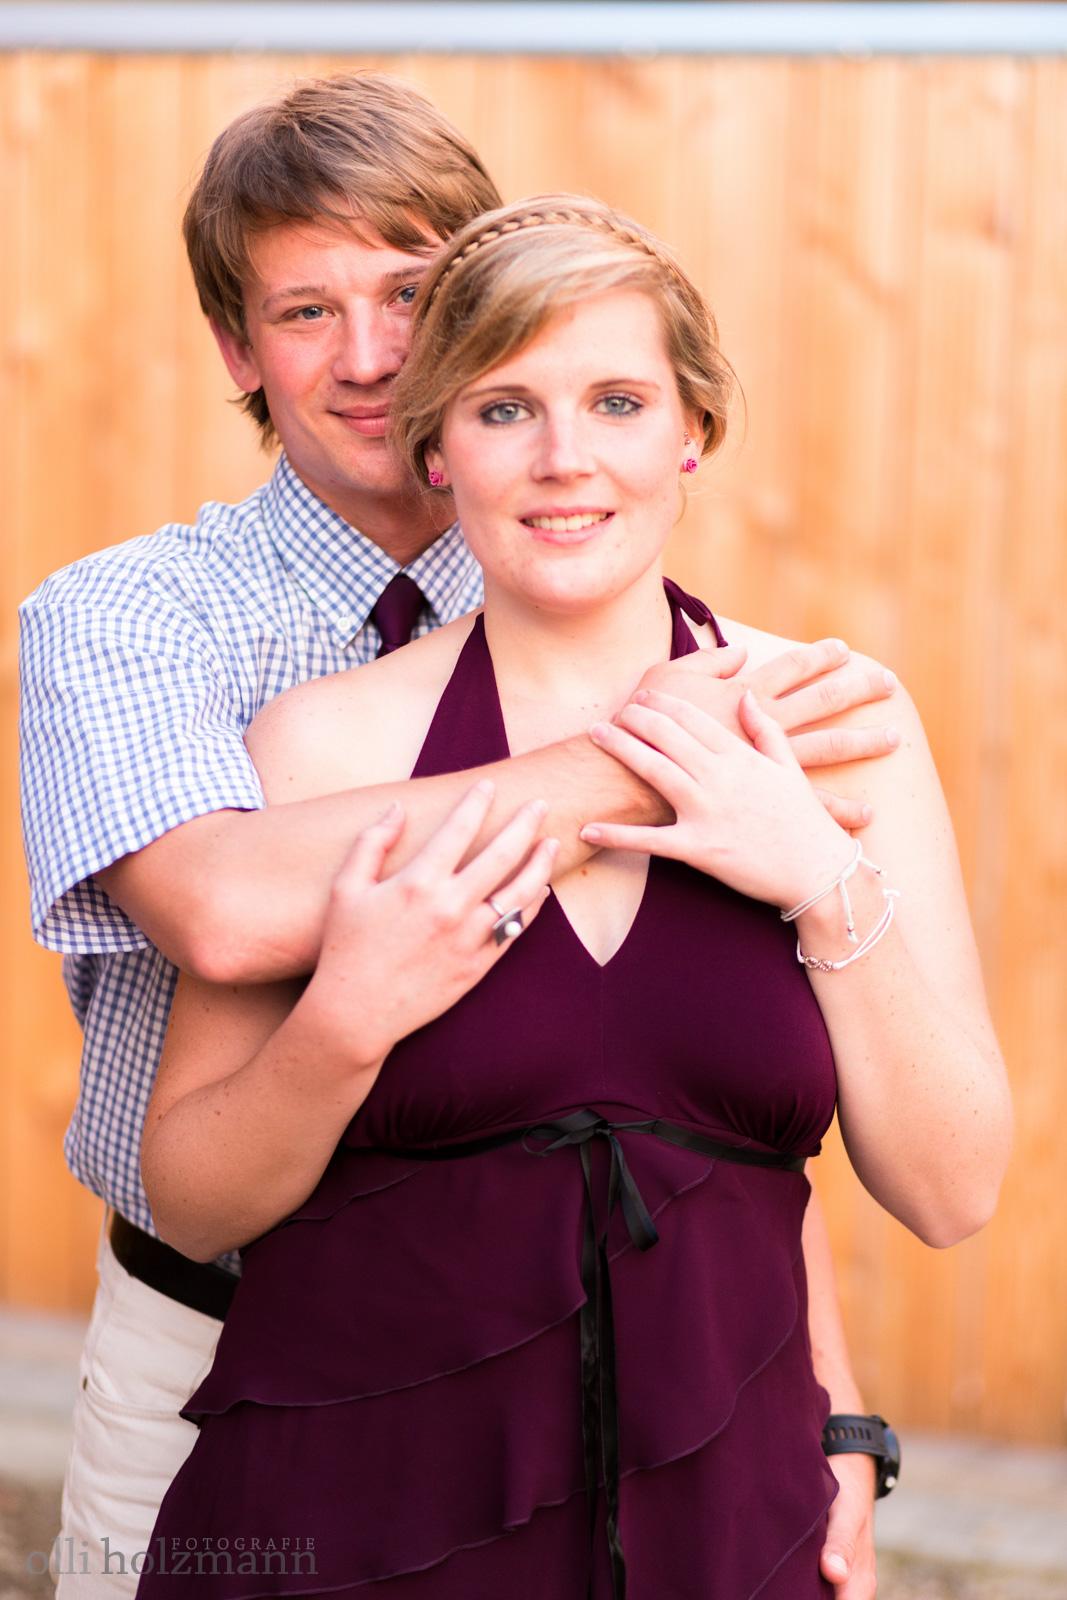 Hochzeitsfotograf_Sonsbeck-76.jpg